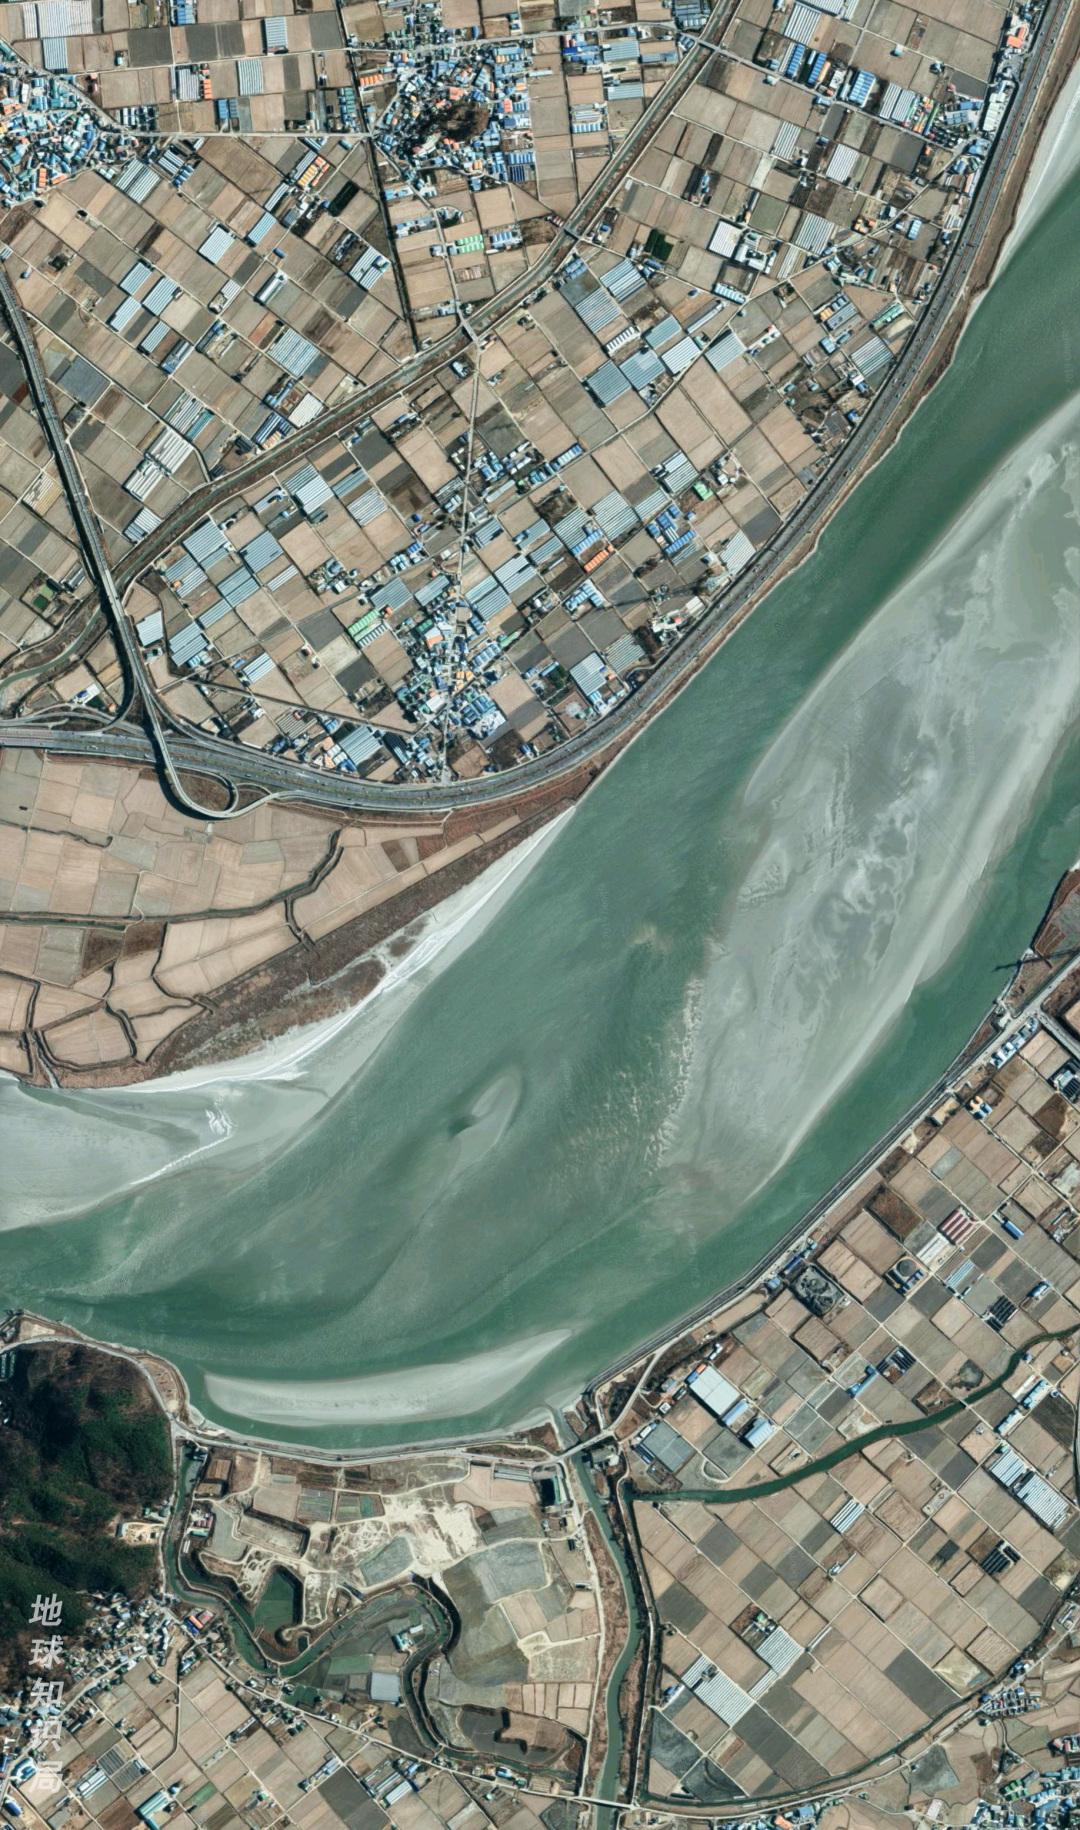 地球,汉江,首尔,首都,朝鲜半岛,人口,知识,汉阳,城市,图片,知识科普